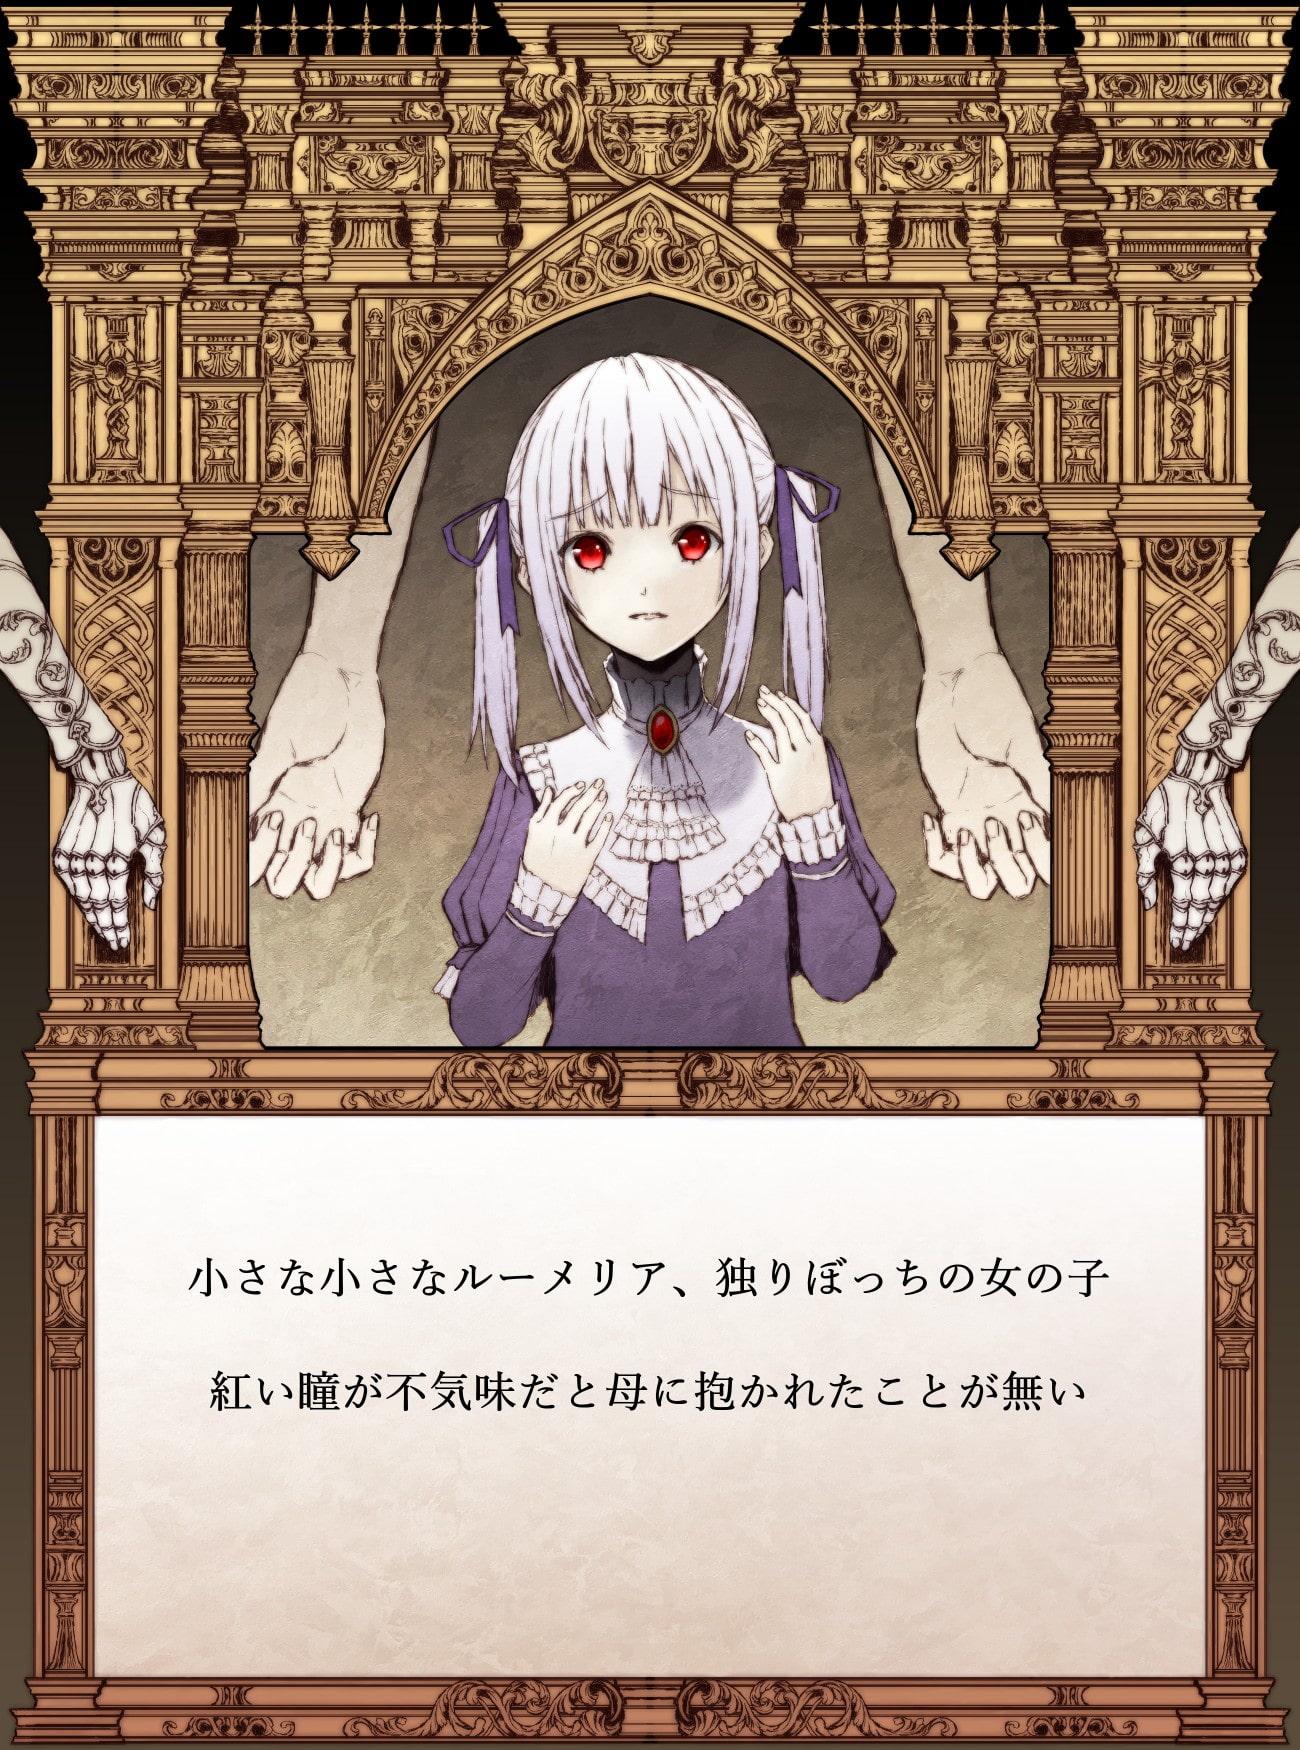 【絵本】ルーメリアの唄(商品番号:RJ293232)